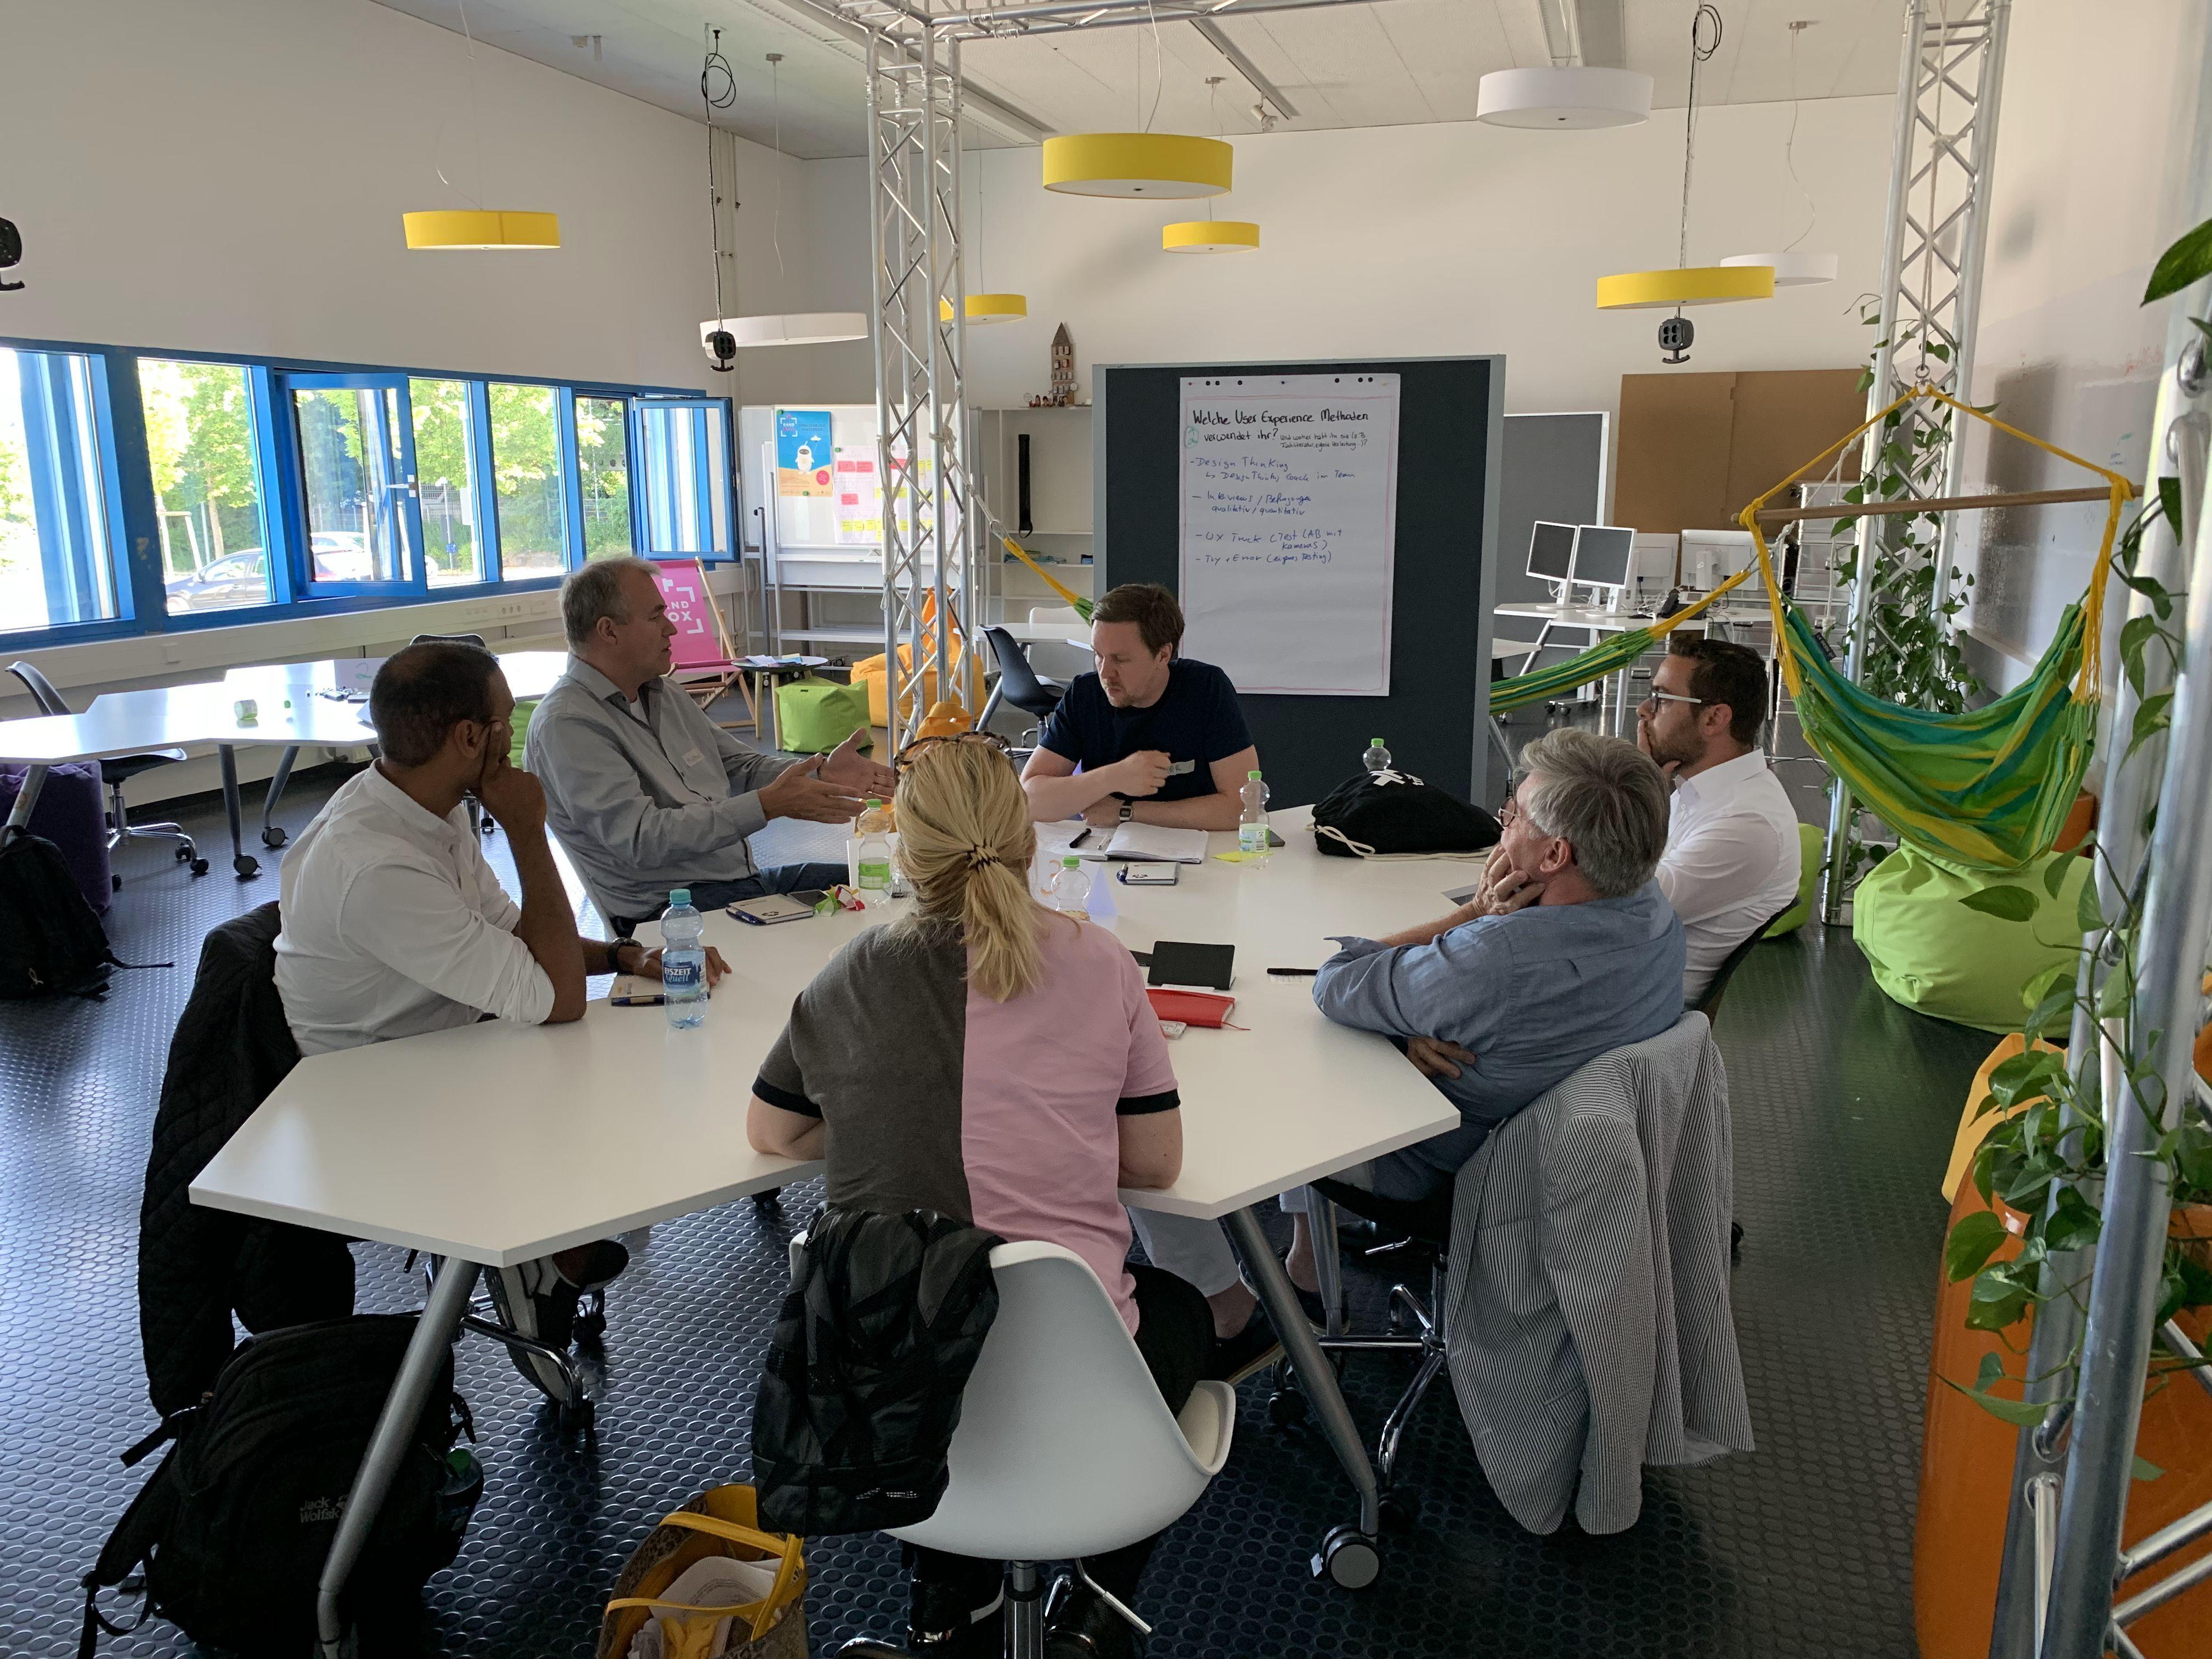 Unterstützung im Bereich Usability und User Experience für Start-ups